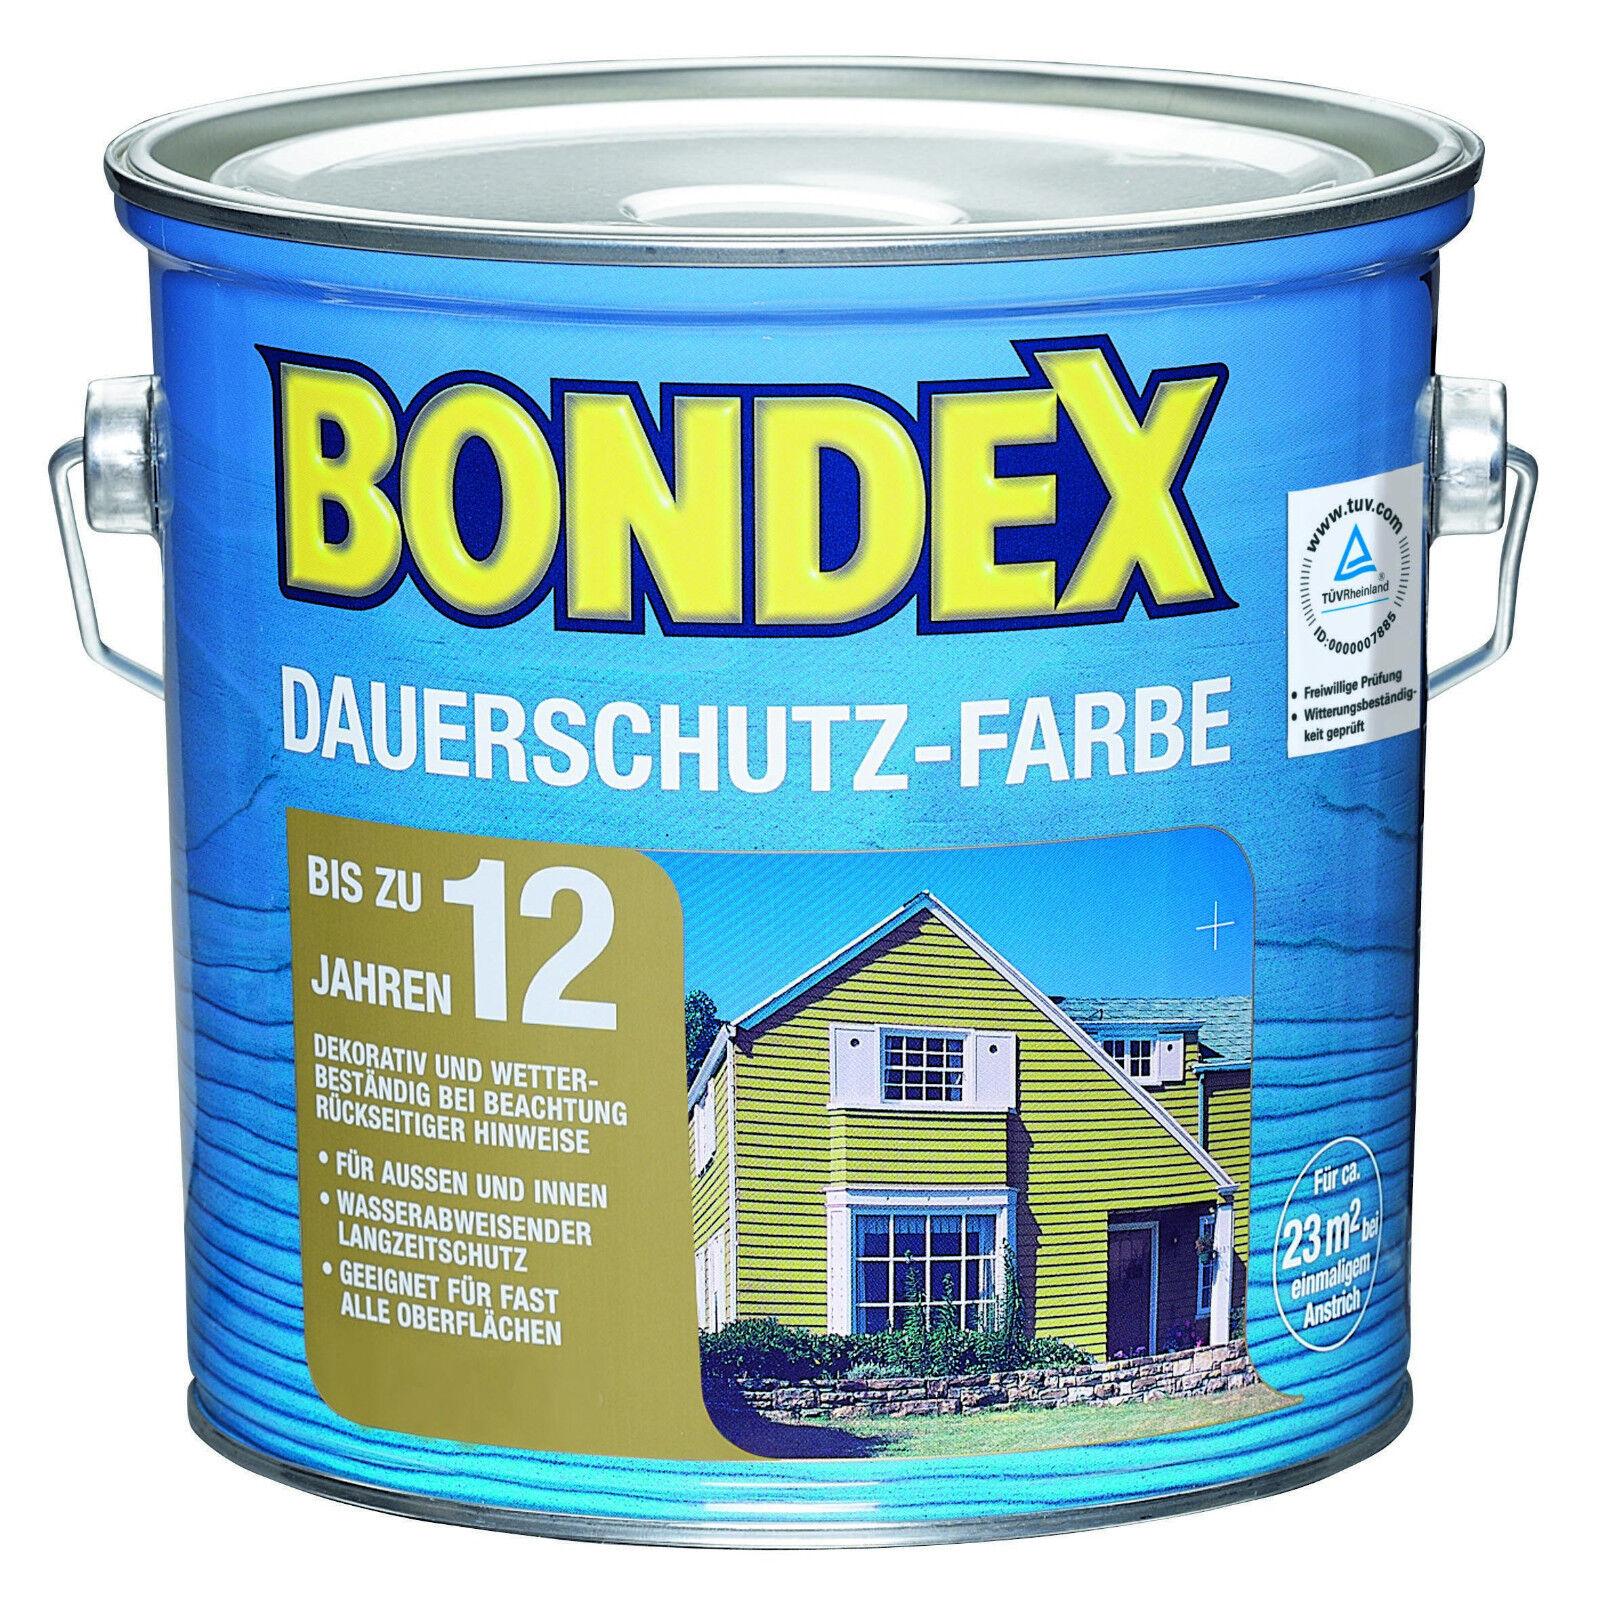 Bondex Dauerschutzfarbe Schneeweiß 4 L Dauerschutz Farbe Holzfarbe Holzschutz